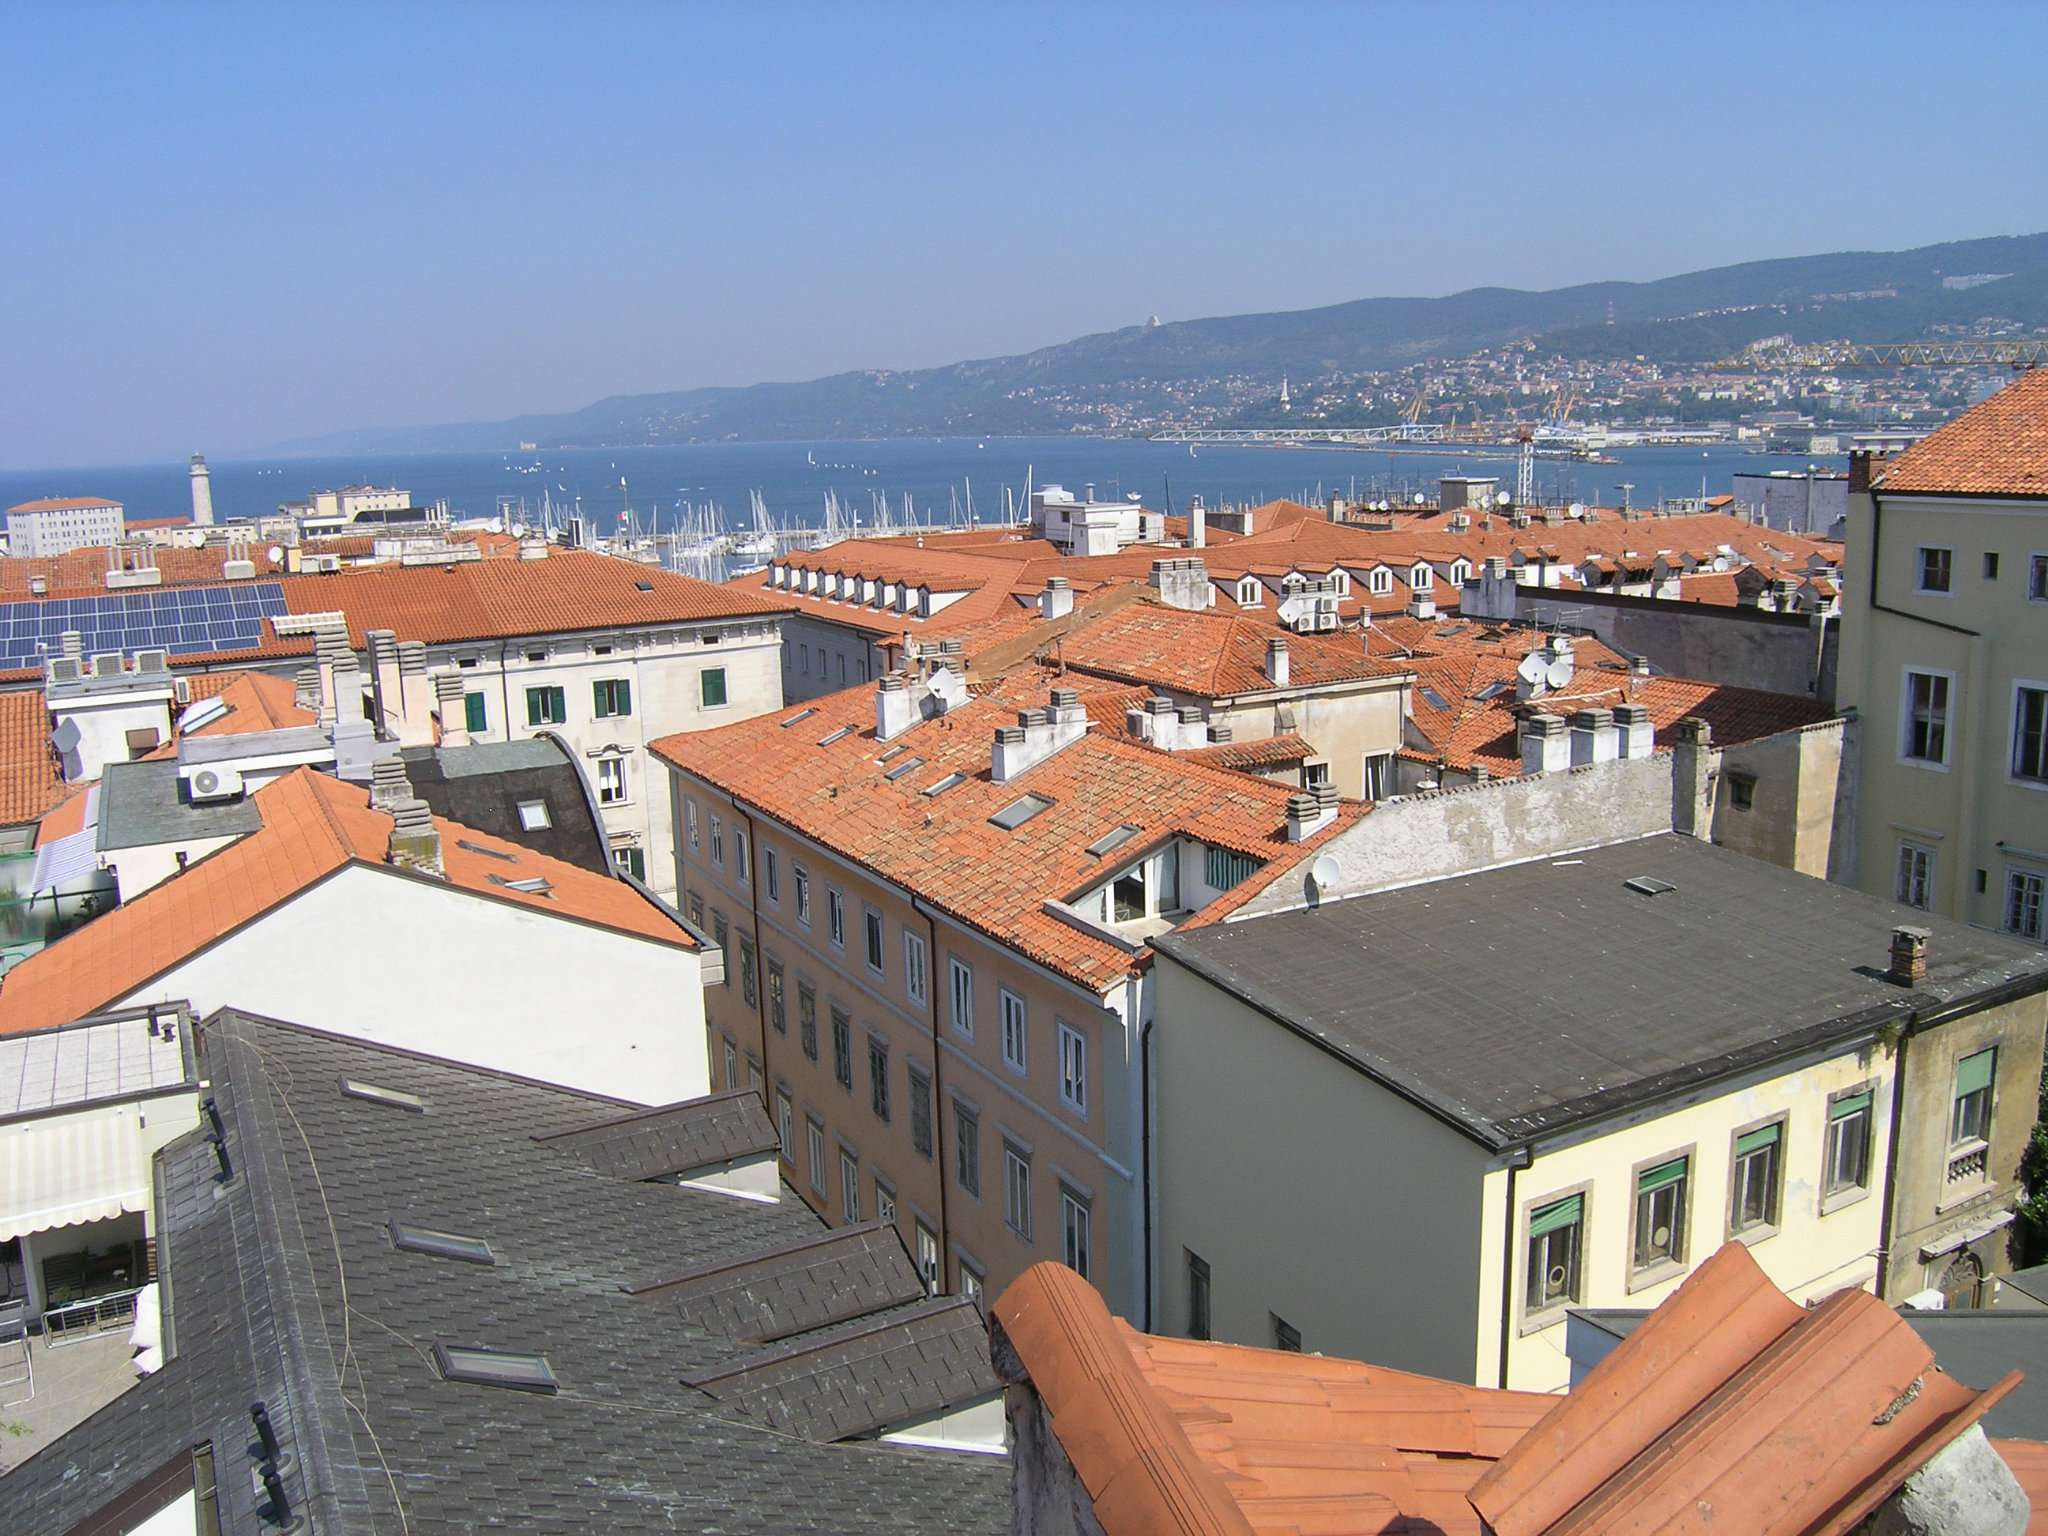 Attico / Mansarda in vendita a Trieste, 3 locali, Trattative riservate   Cambio Casa.it